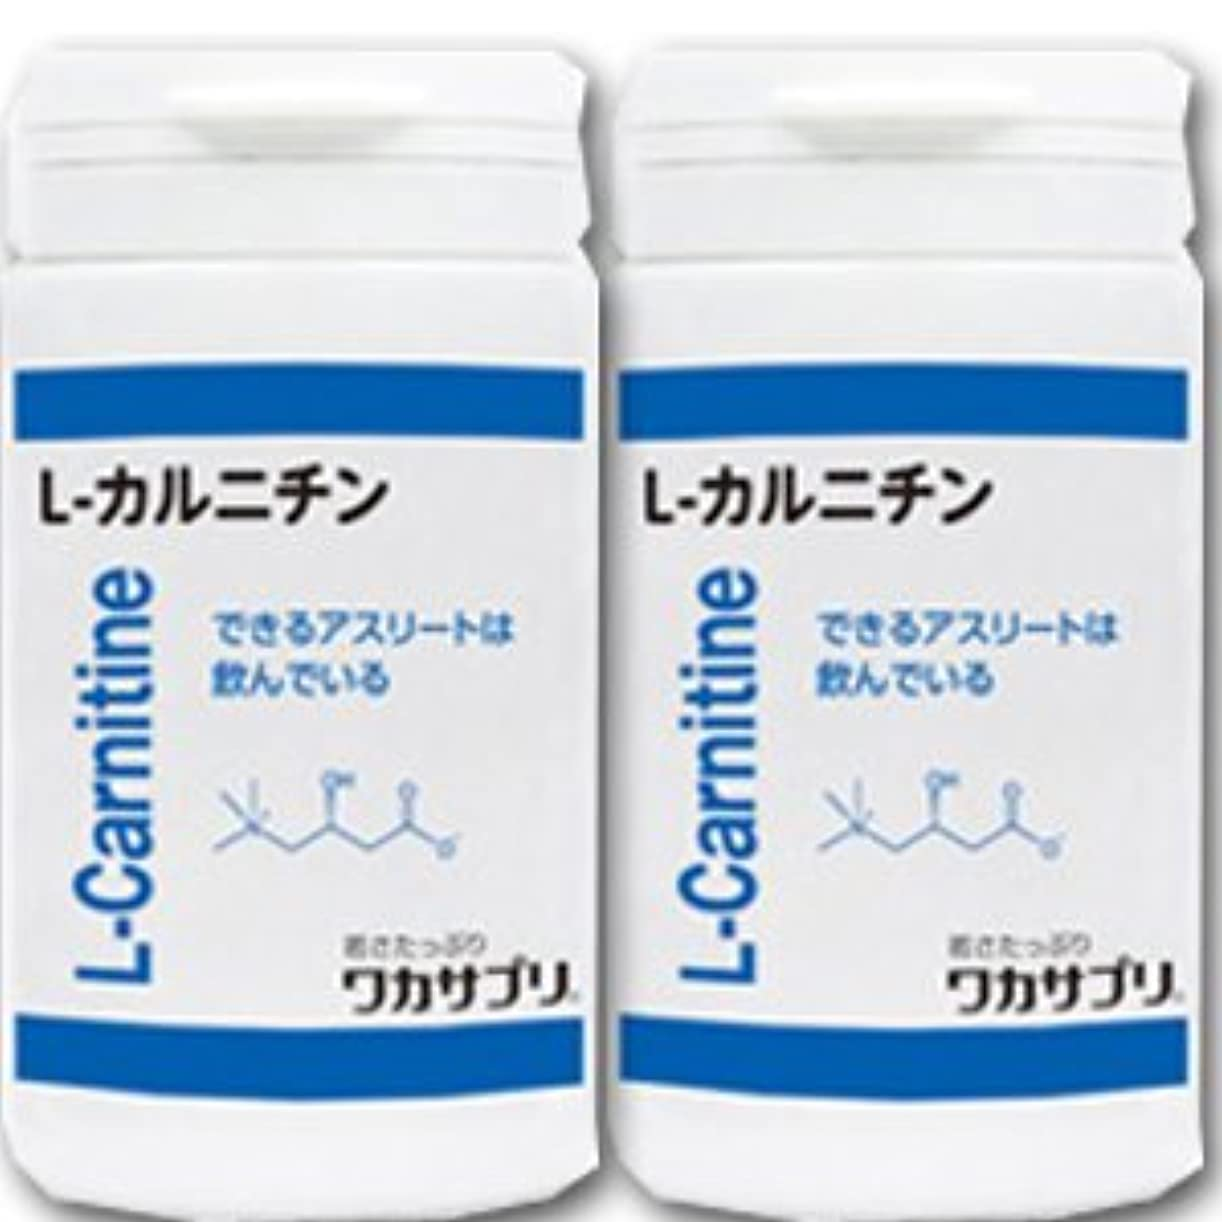 マーカーミトン発行する【2個】 ワカサプリ L-カルニチン 60粒x2個(4562137413703)